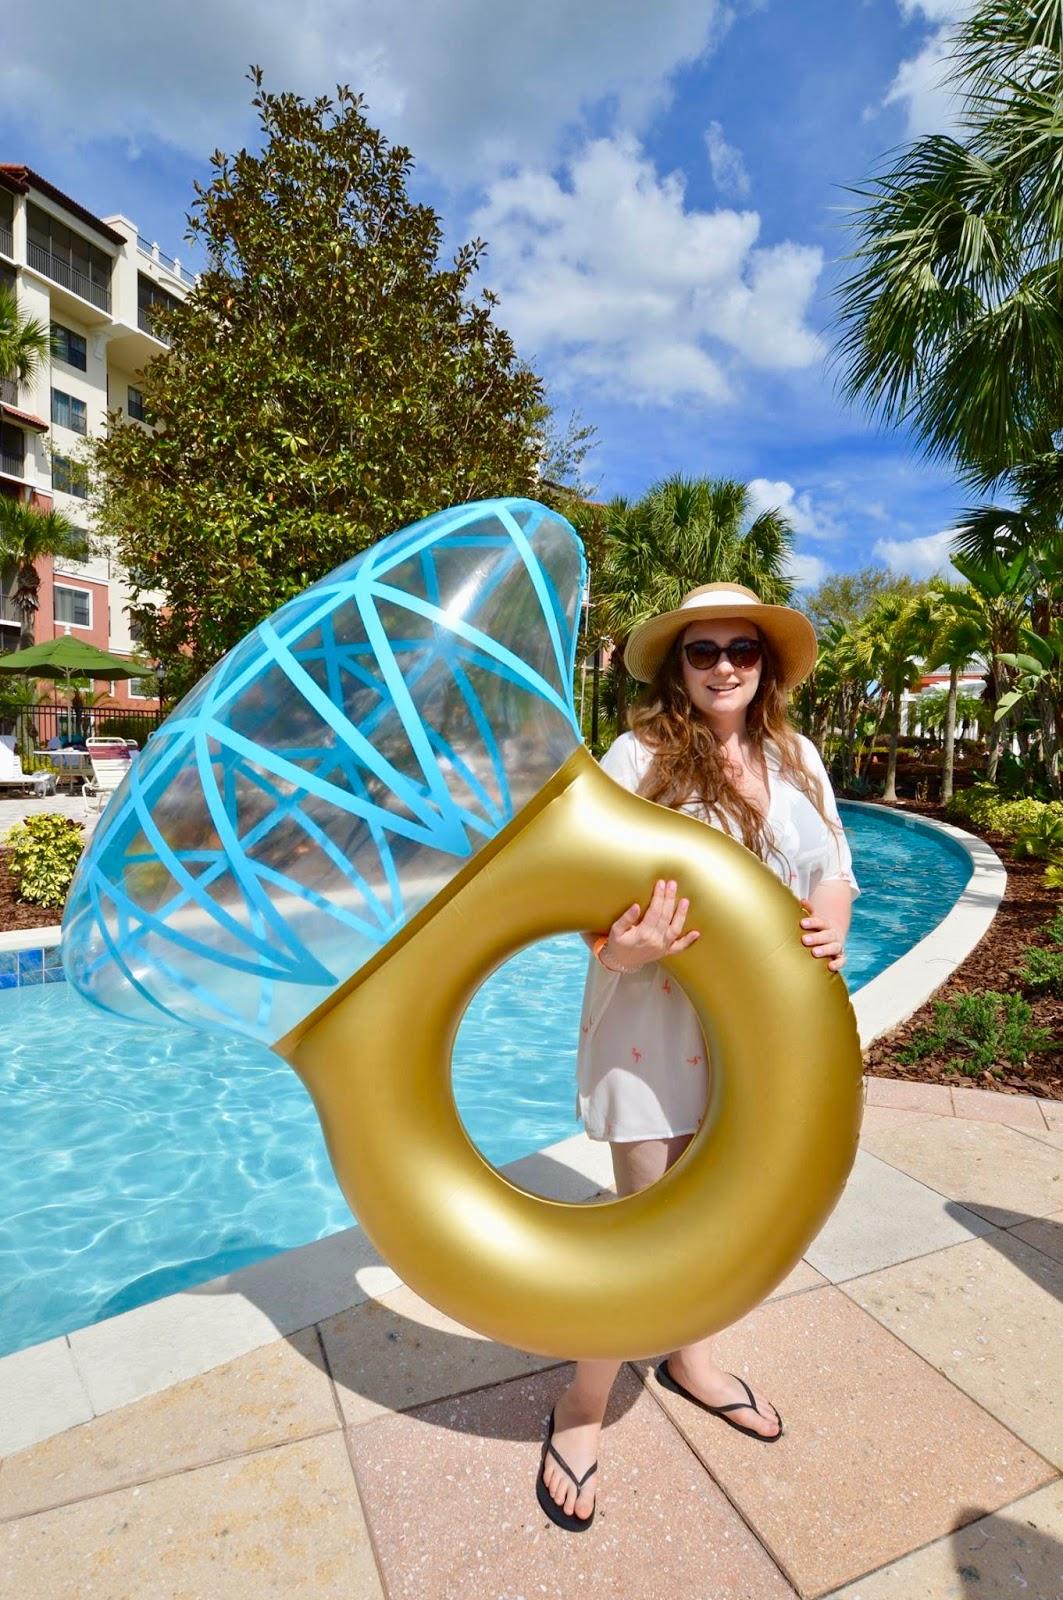 engagement ring pool float amazon